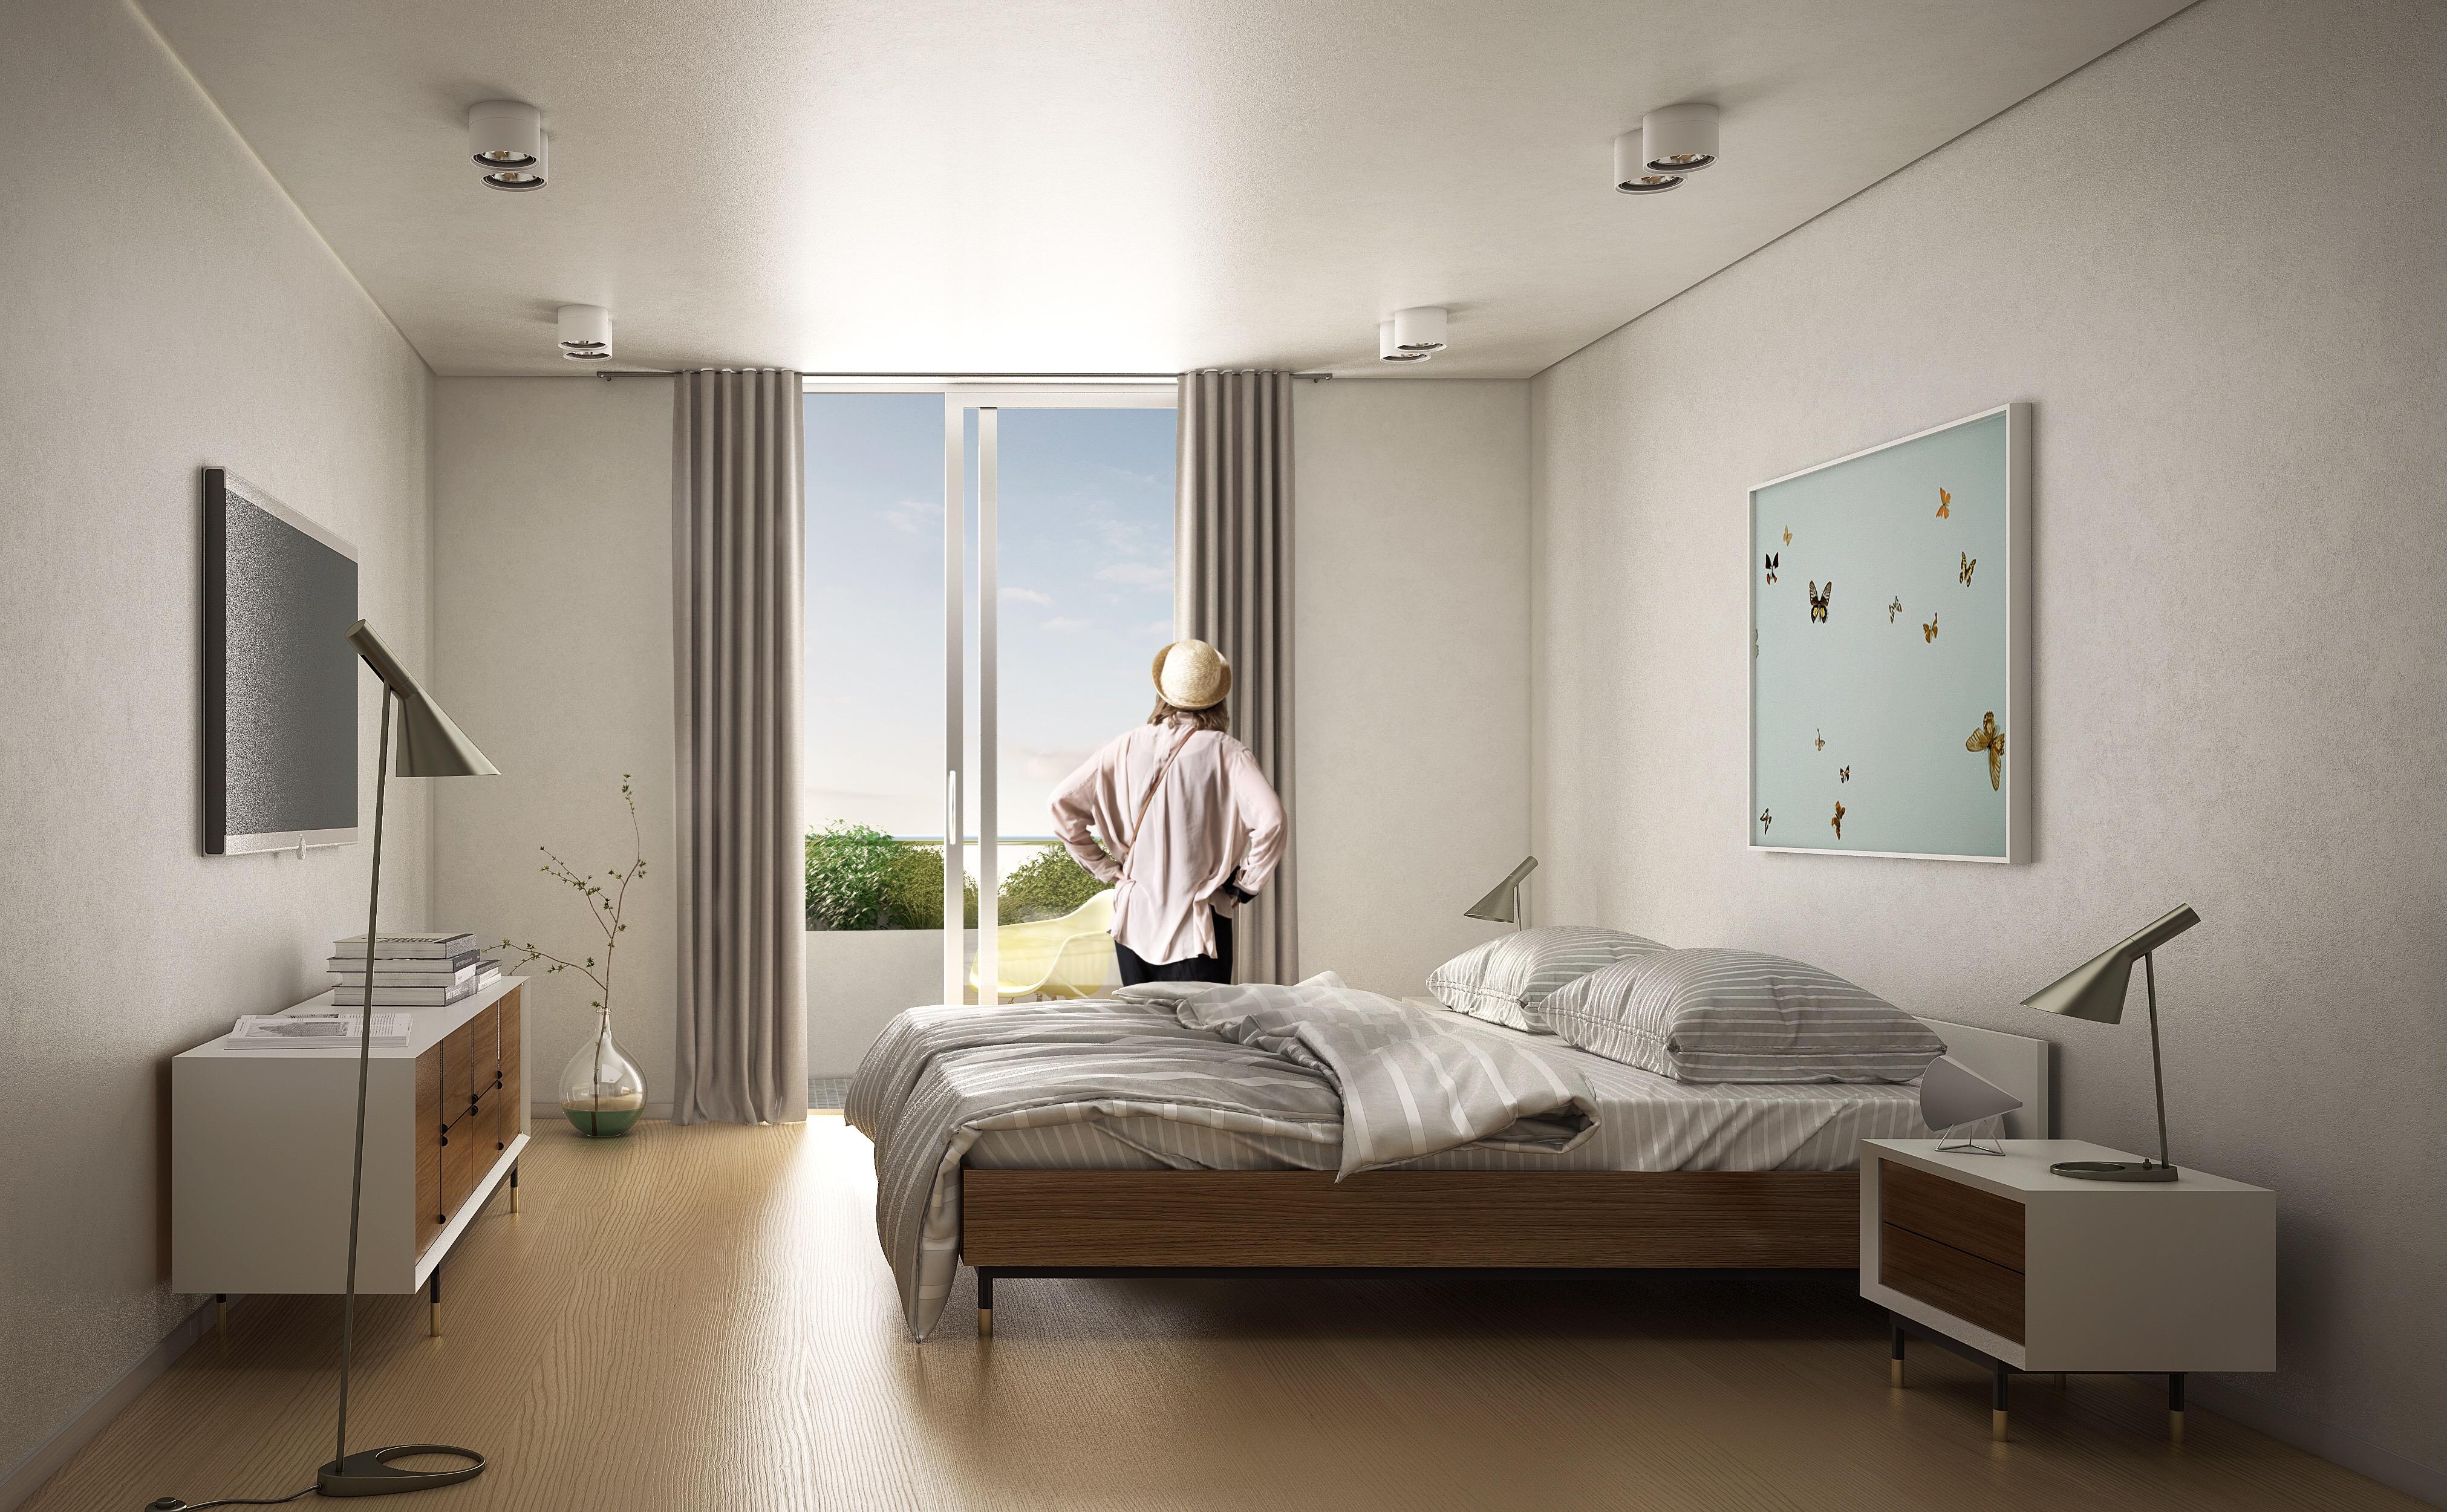 Vista interior de habitación